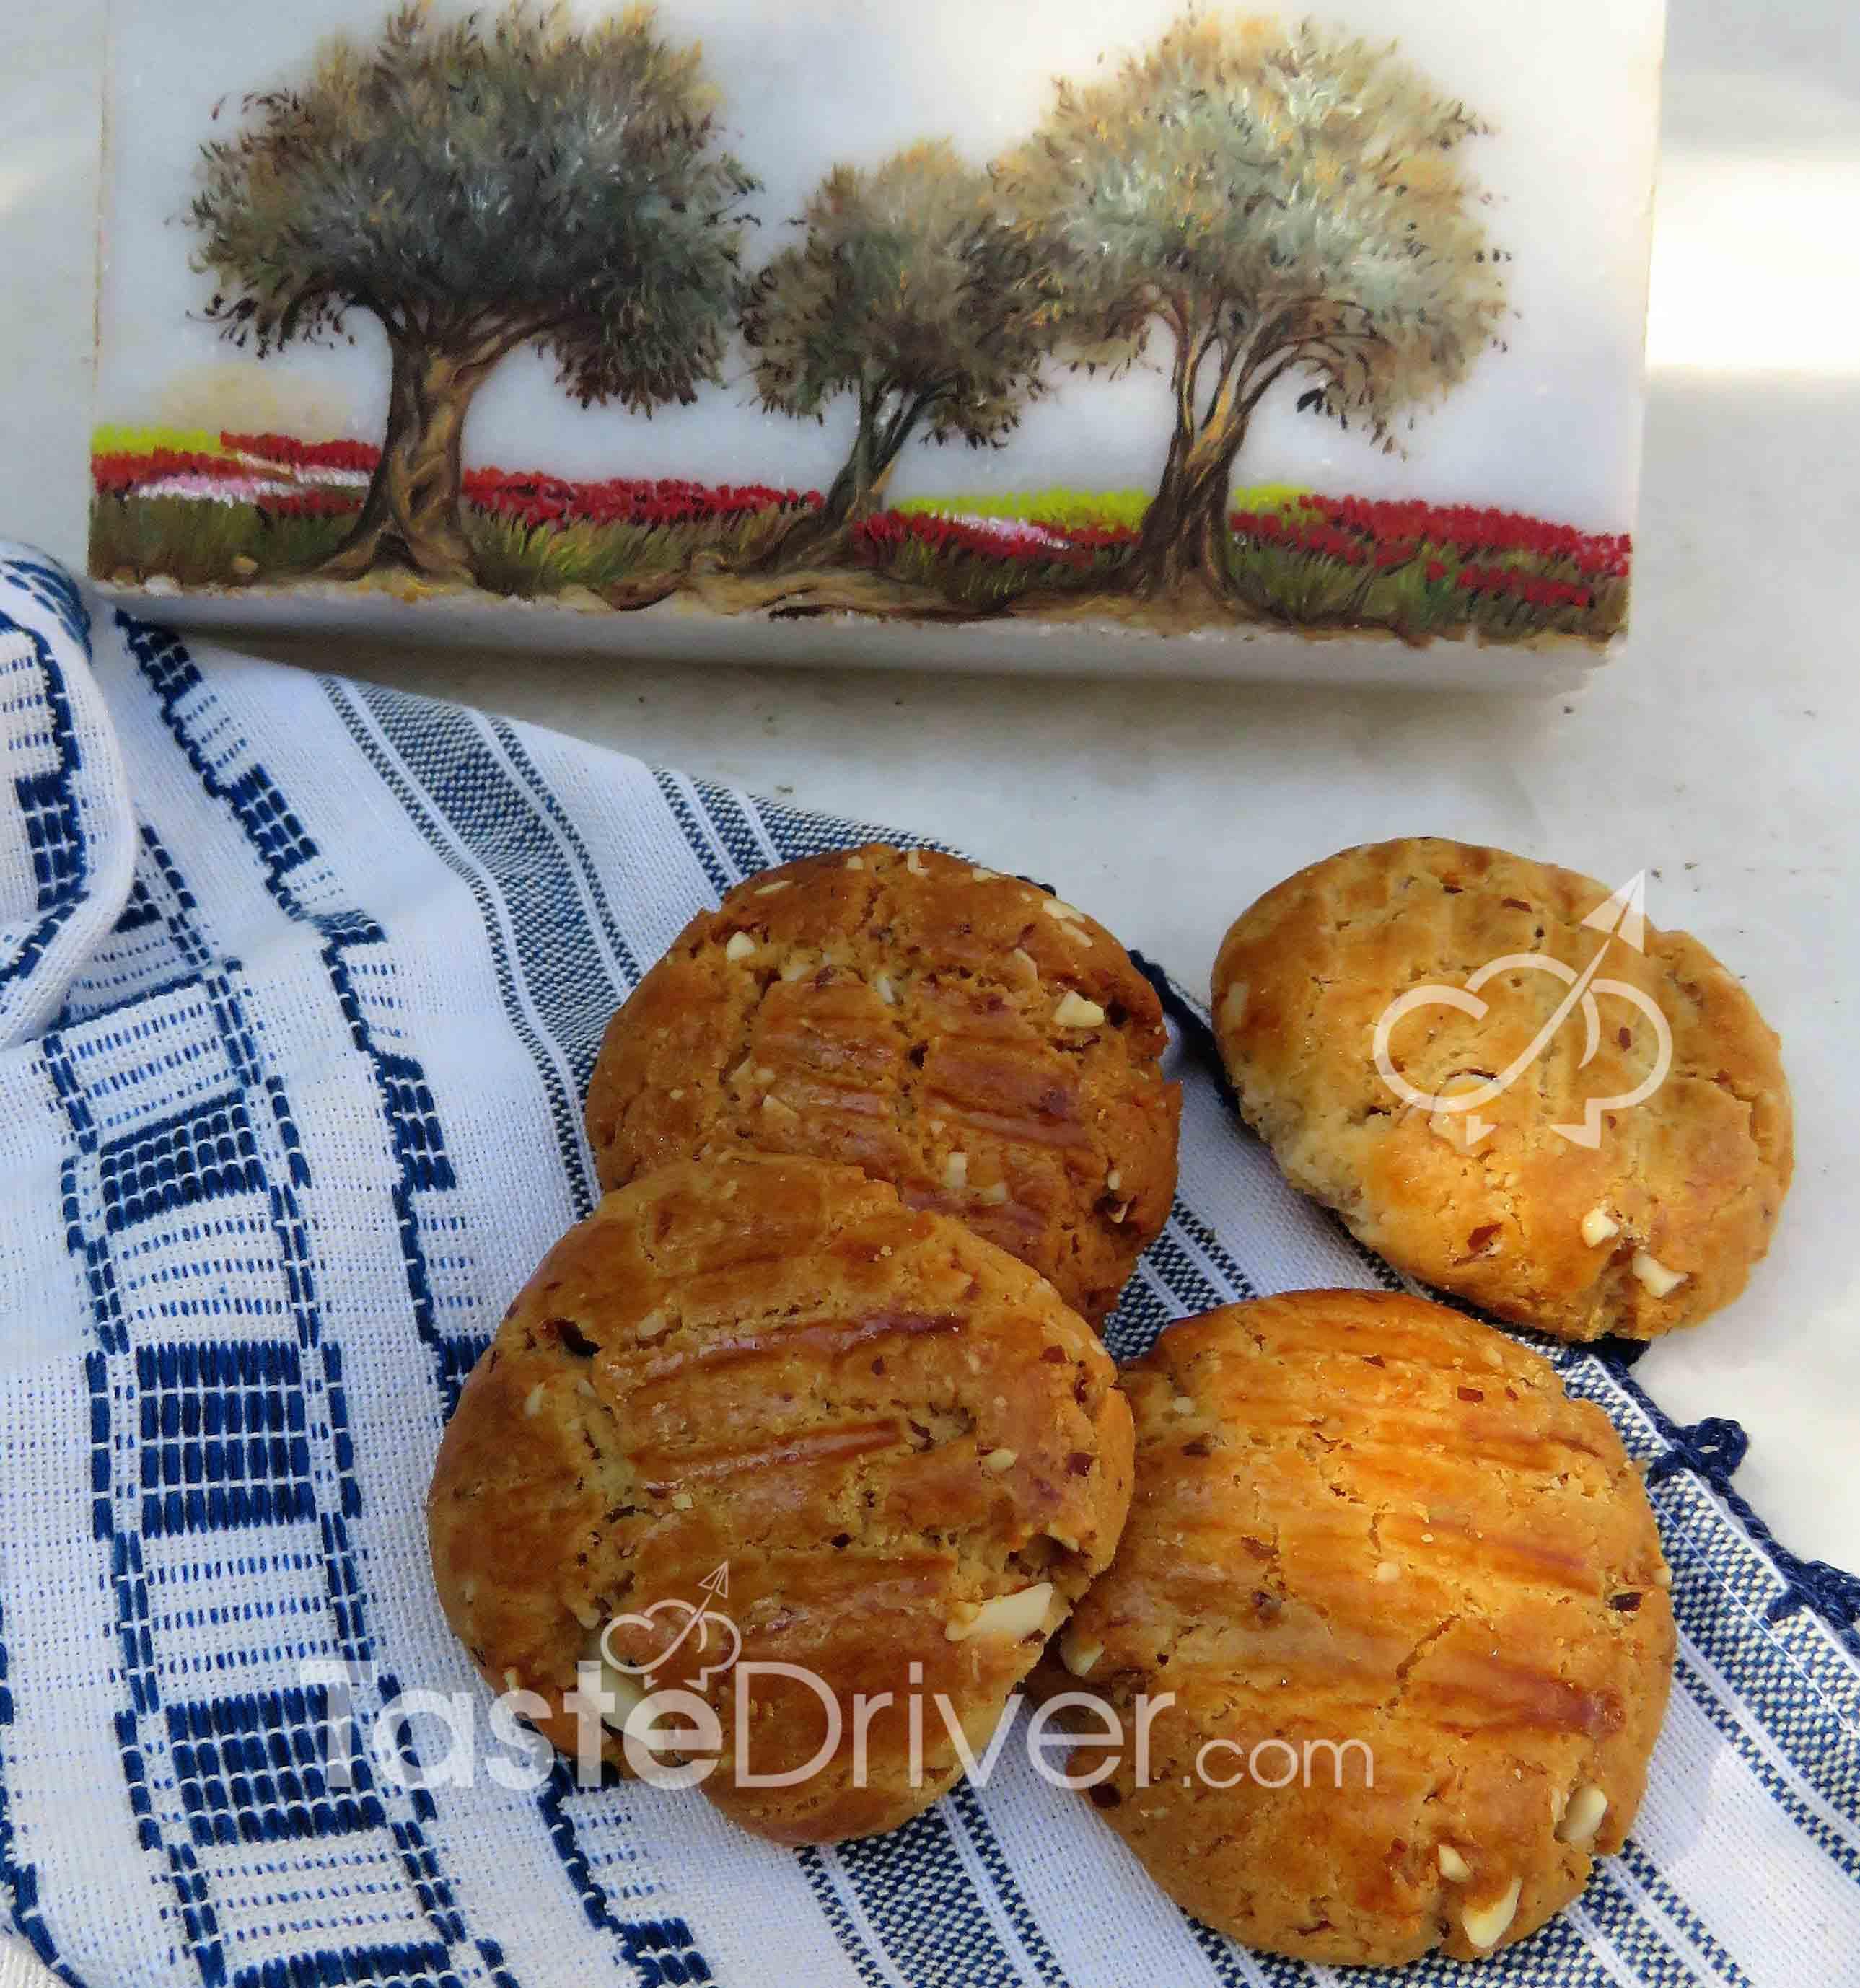 μπισκότα, αμυγδάλου, στέβια, γλυκαντικό